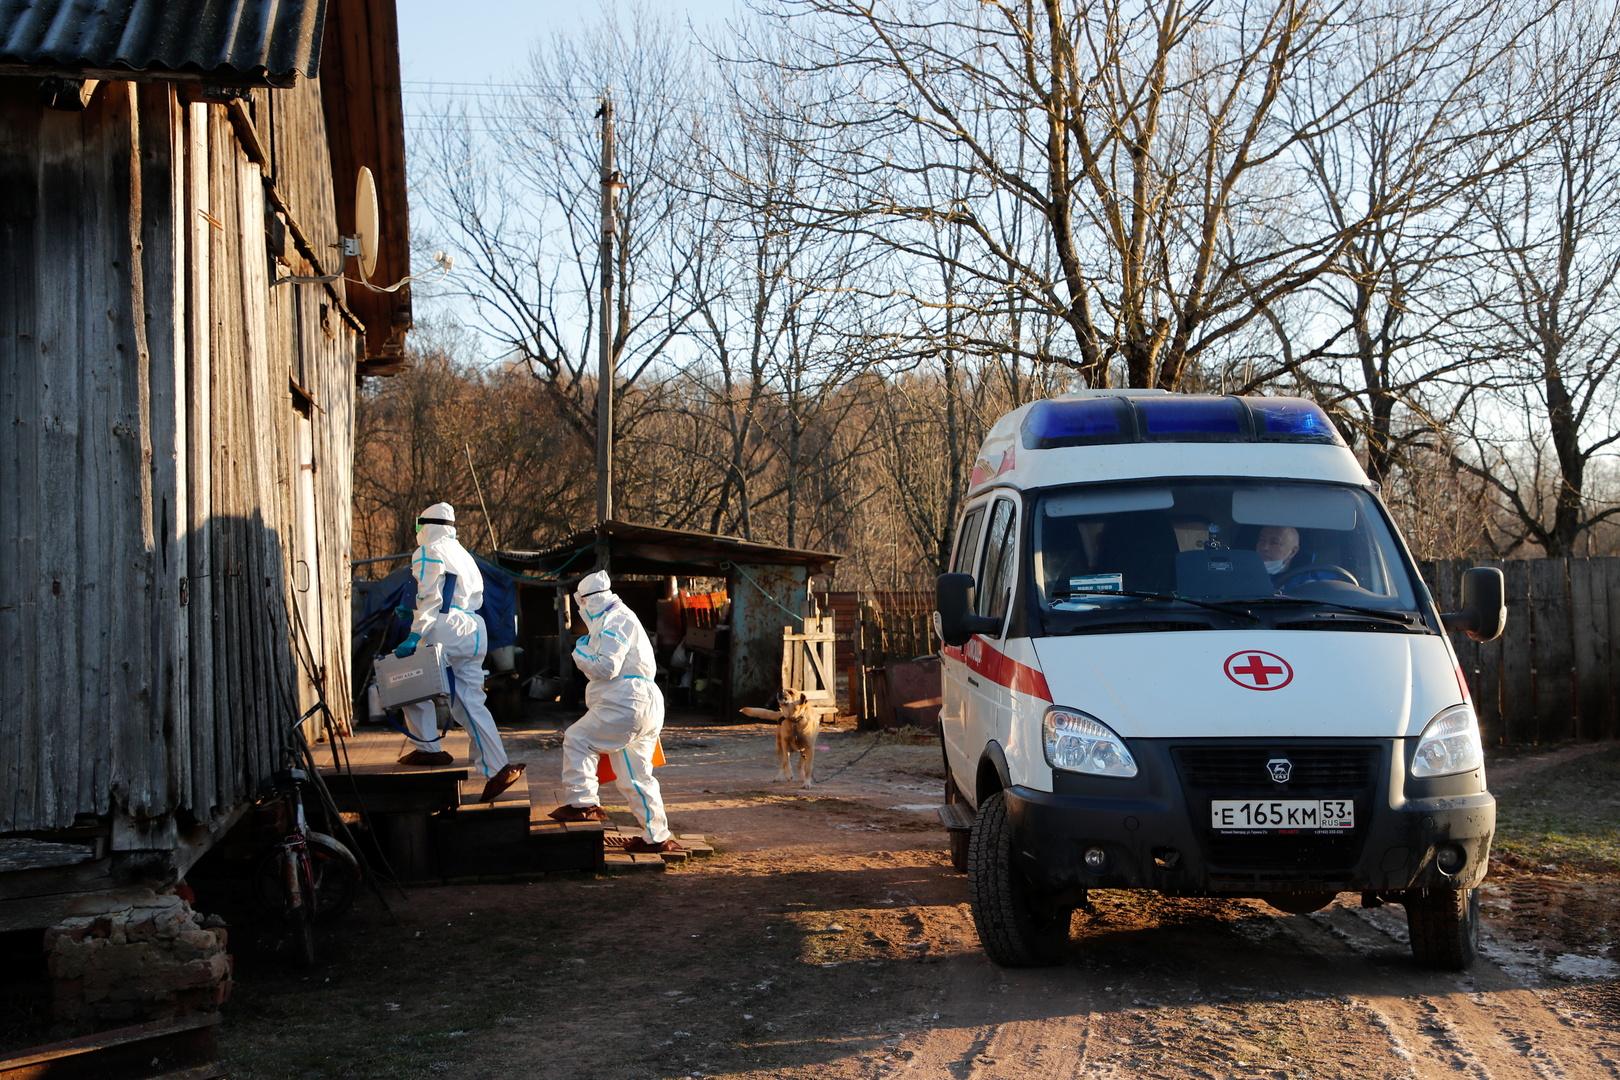 روسيا تسجل أكثر من 11 ألف إصابة بكورونا خلال 24 ساعة